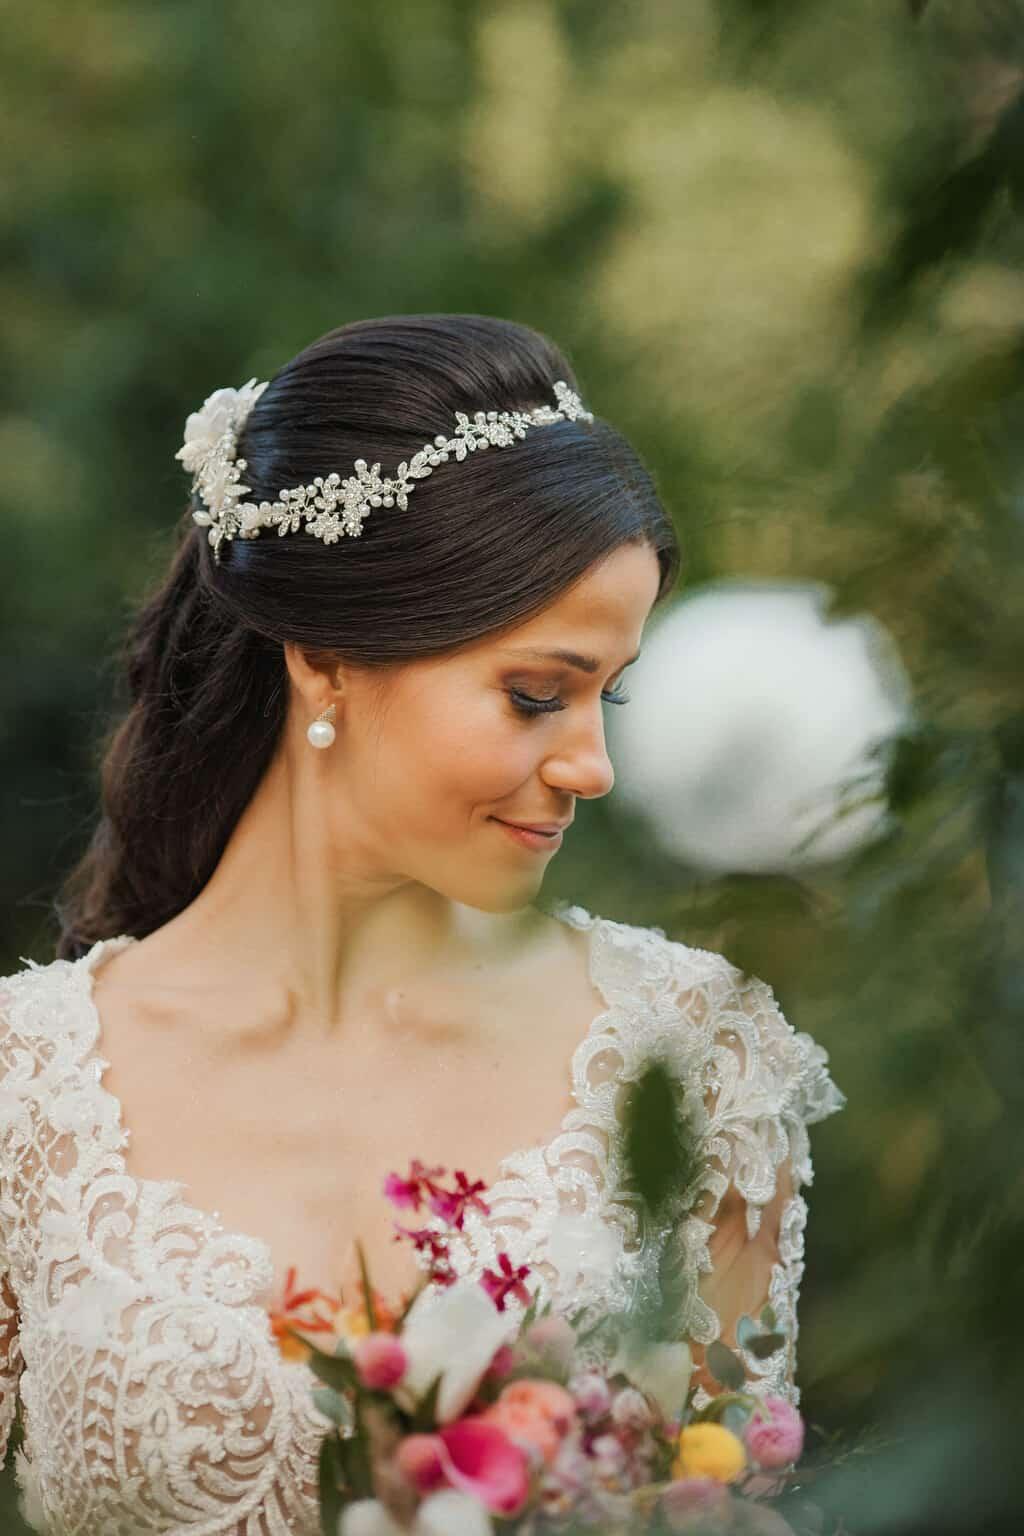 beleza-da-noiva-casamento-Beatriz-e-Joao-Fernando-Itaipava-Locanda-Della-Mimosa-Thienny-Tammis100